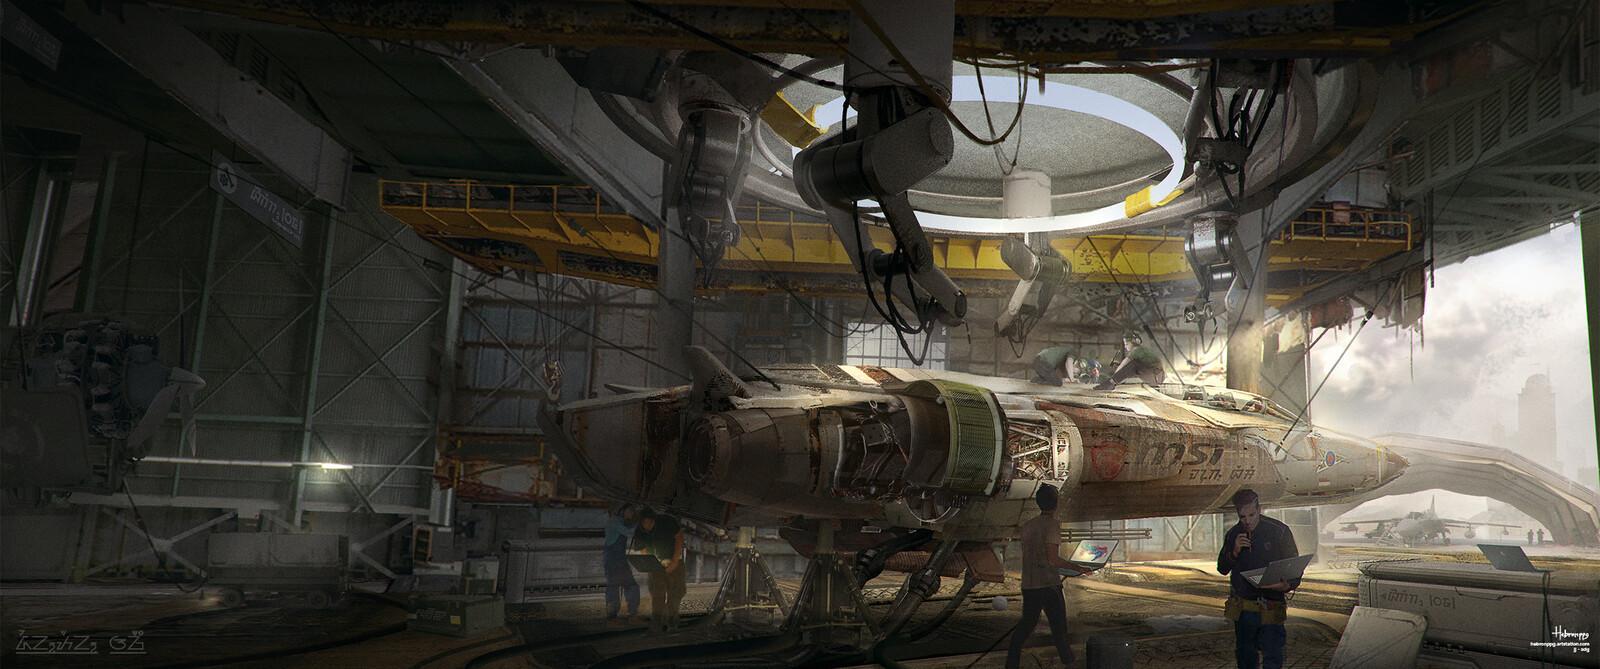 hebron-ppg-shipdesign-render02f-artstation-paint.jpg